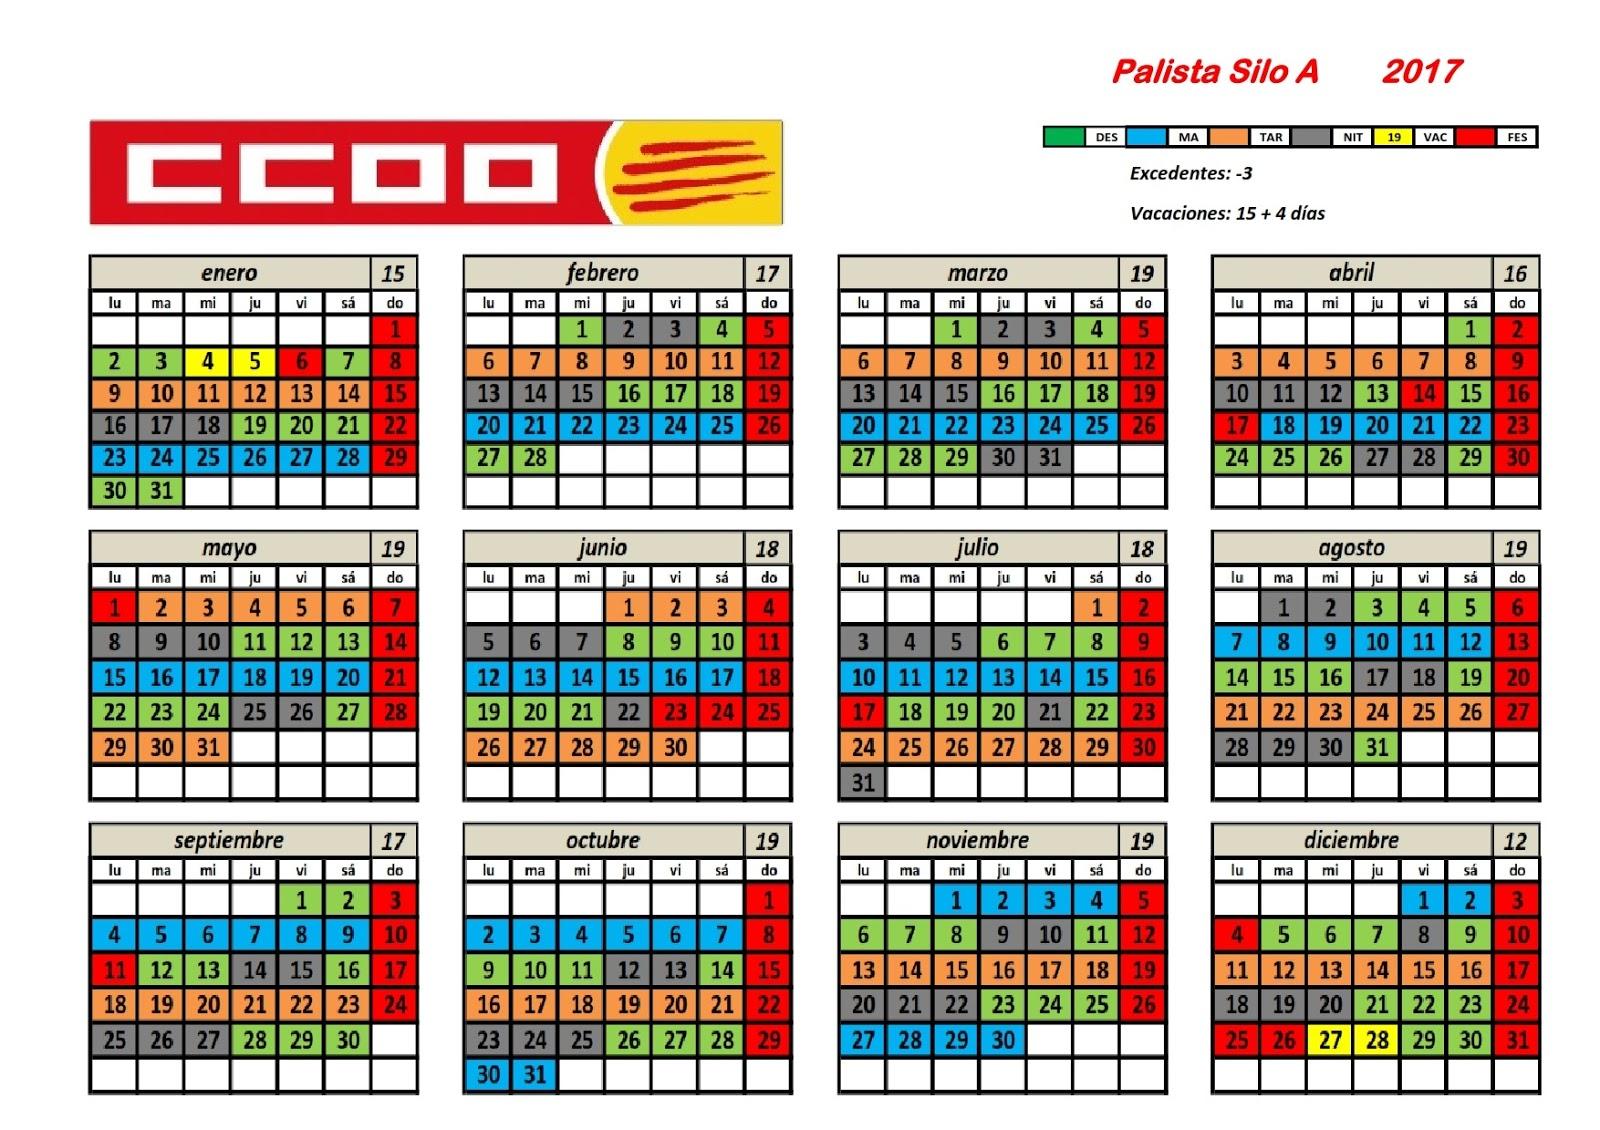 Ccoo iberpotash calendaris 2017 general mina explotaci for Comisiones obreras exterior